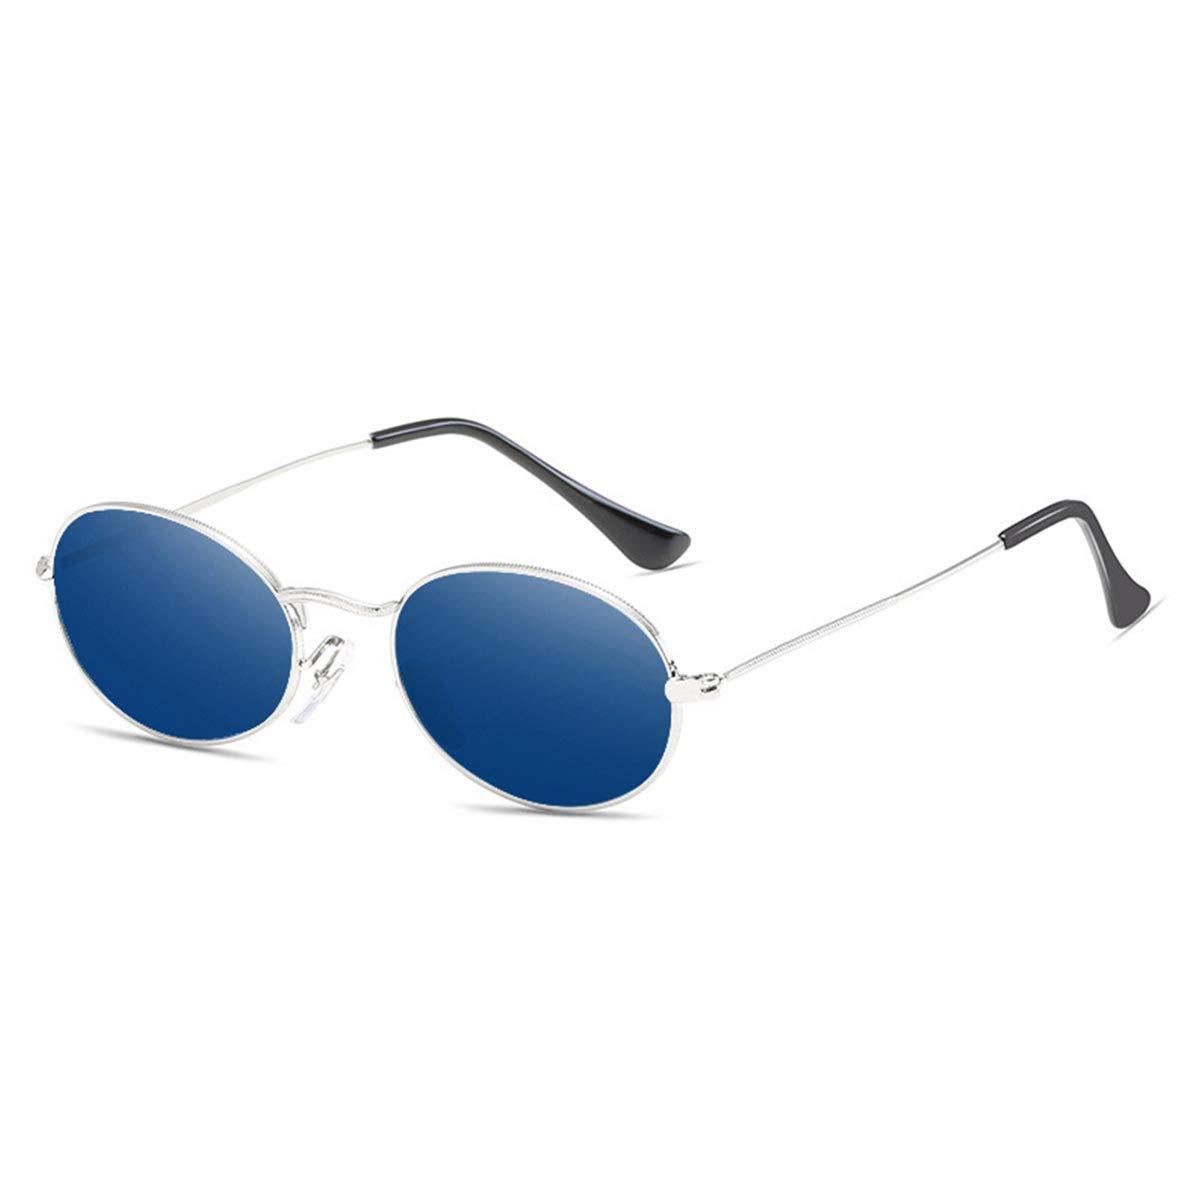 WISH4U Lunettes de soleil rondes rétro Petites lunettes de